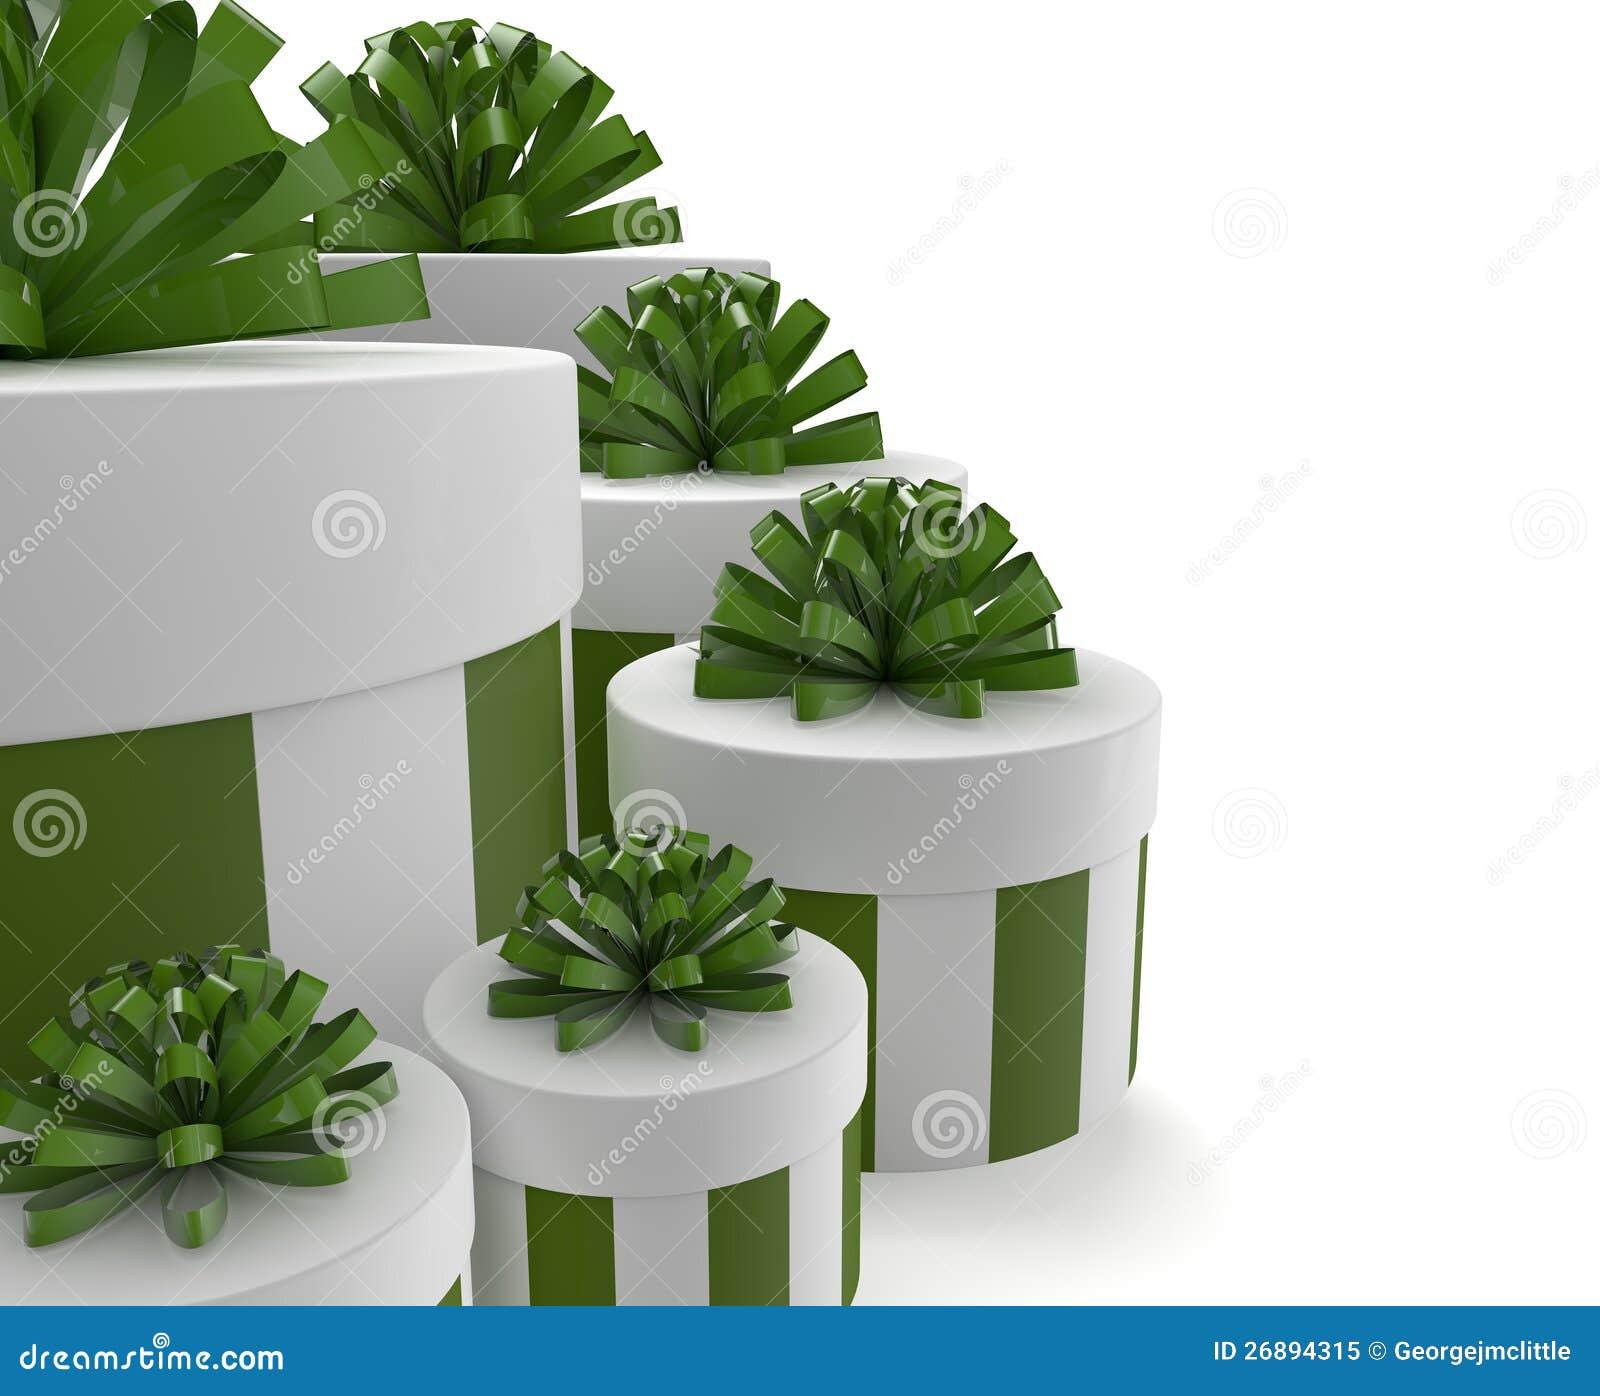 Grüne Geschenke stock abbildung. Illustration von getrennt   26894315